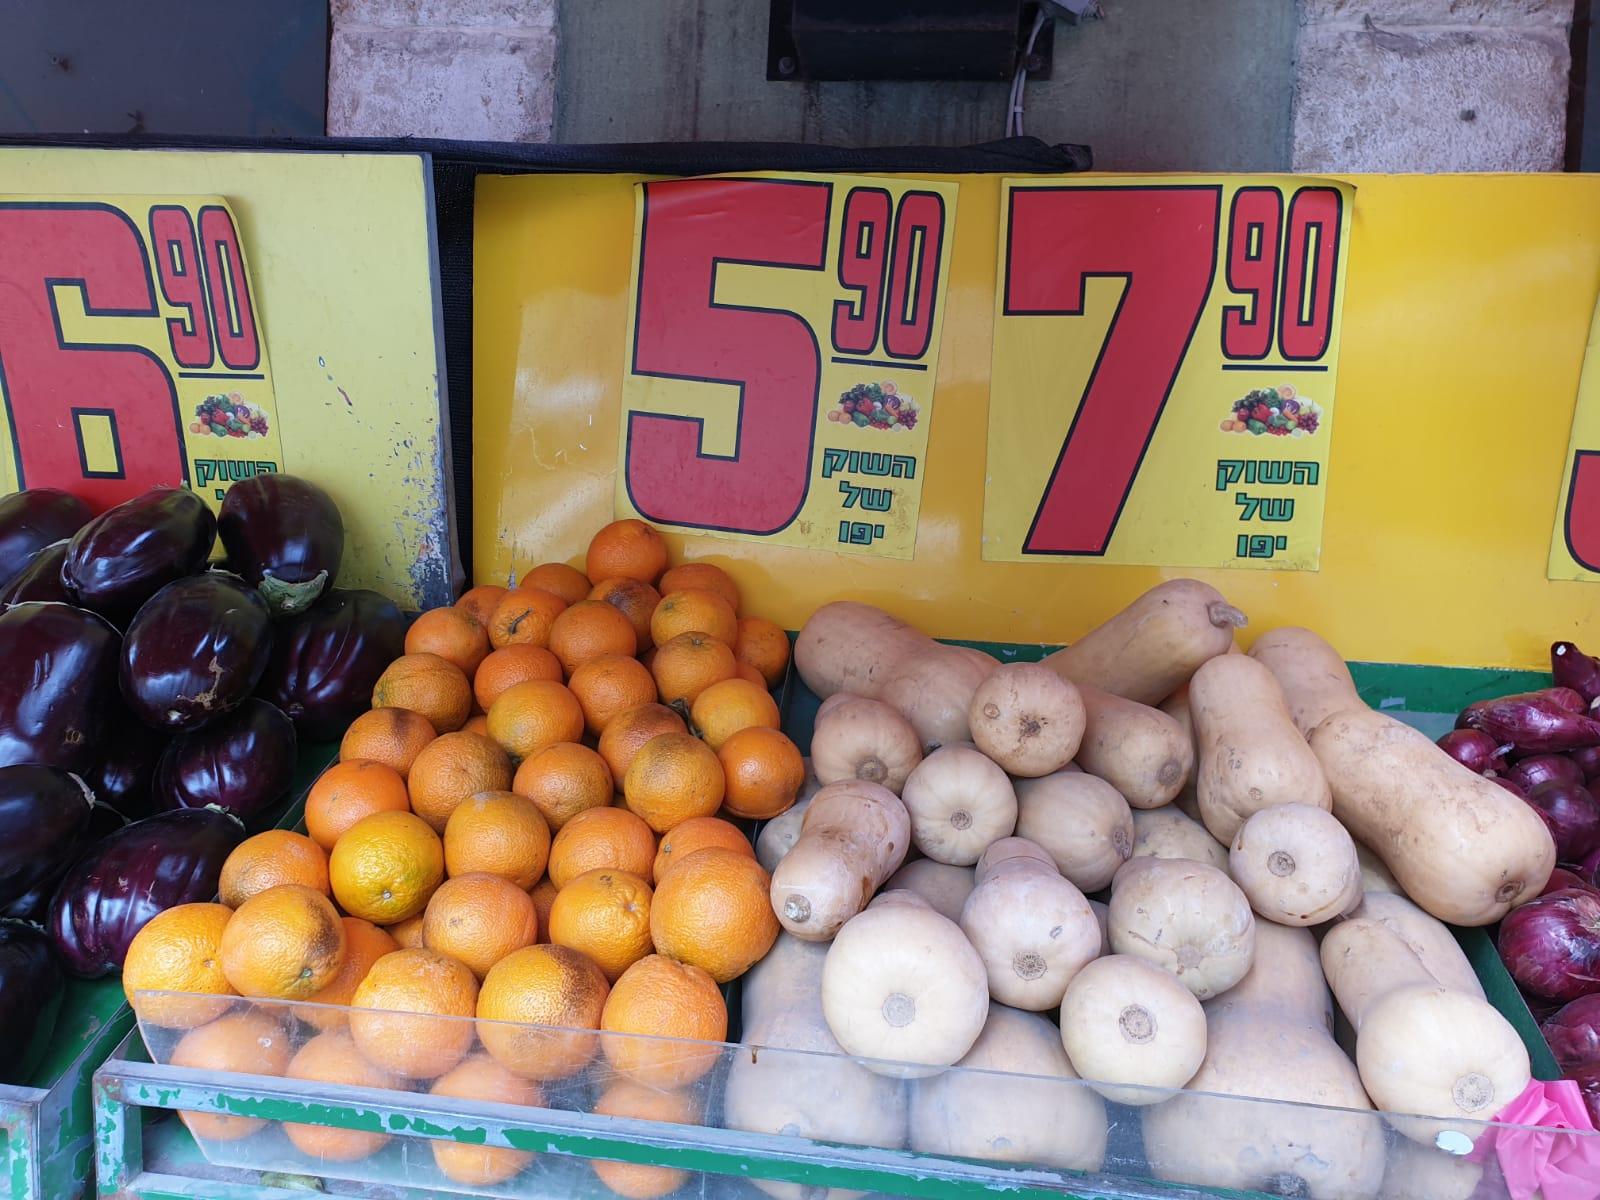 أسعار خيالية لا تنافس لدى سوق يافا للخضار والفواكه الطازجة